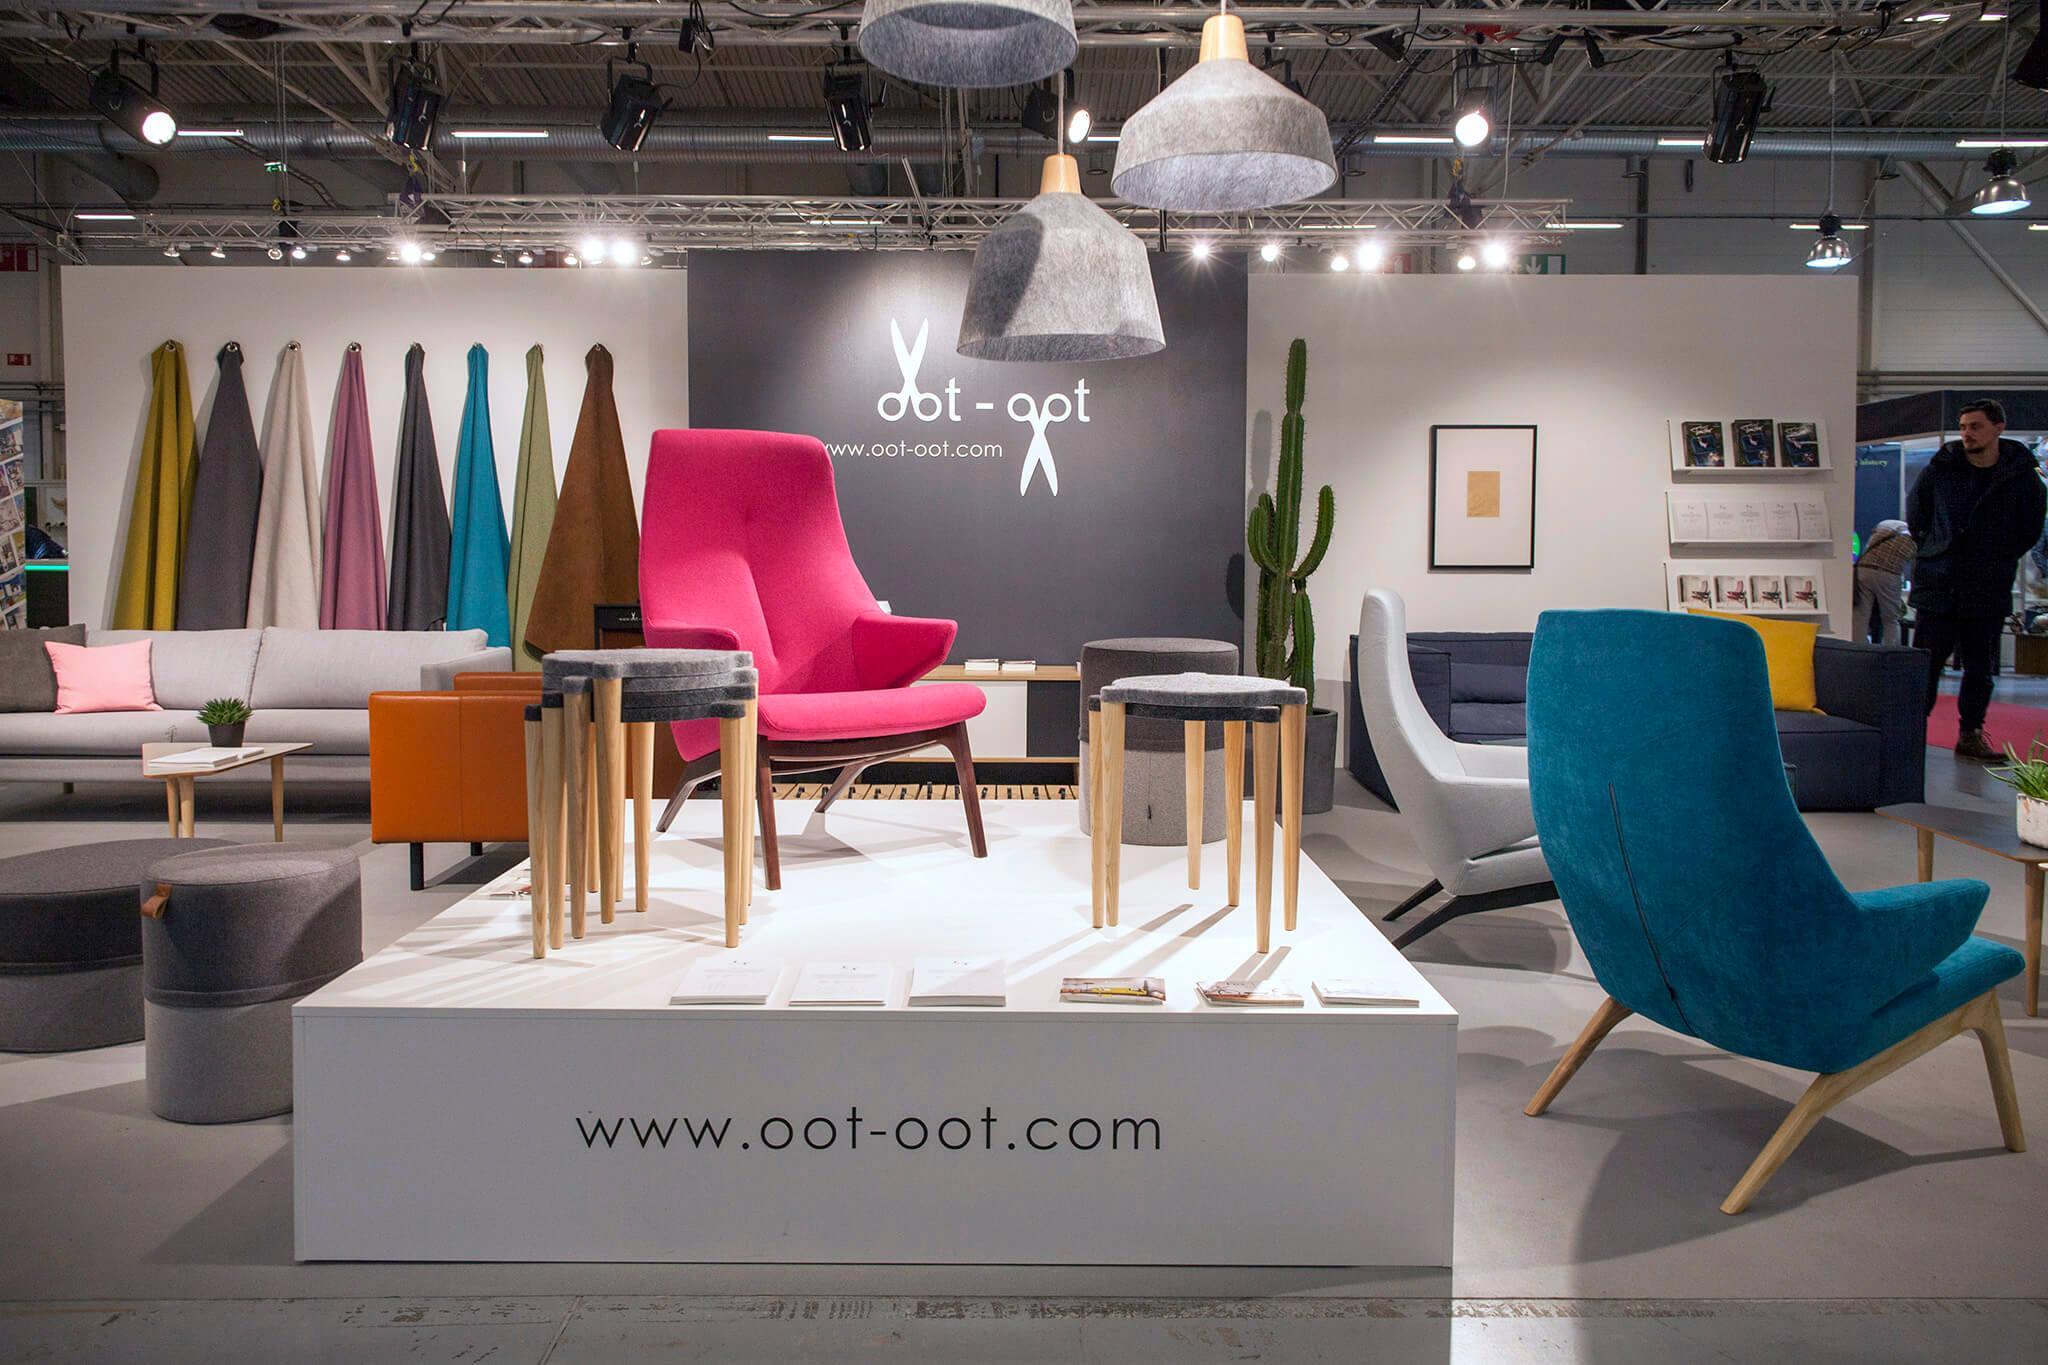 Oot Oot_Stuudio_Mess_Interjoor_2017_01. Recently We Took Part Of Interior  And Design Fair ...